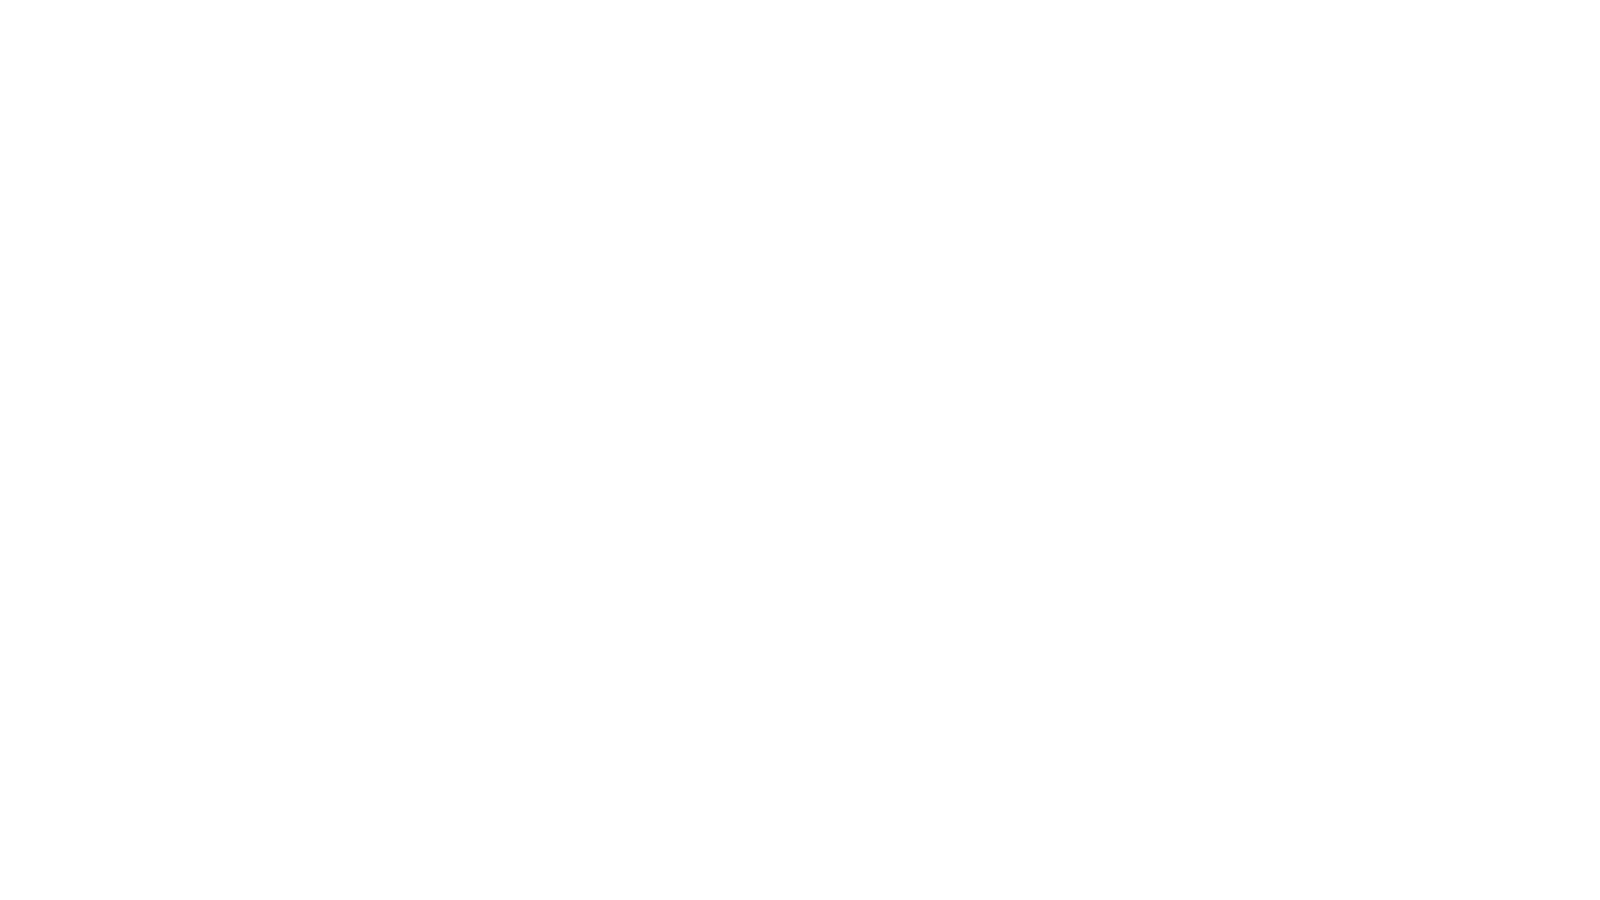 Sistema de Facturacion y CRM Gratis para Siempre con Beonlinesoluciones. Cree diferentes lineas de negocio y facture siempre desde un solo lugar. Envie sus facturas automaticamente y cobrelas incluso mediante pagos online. Facturas proforma, presupuestos, Facturas de servicios y productos, Tipos de IVA.... y todo totalmente personalizado. Y gracias a la colaboracion  Beonlinesoluciones - Facturalia ahora disfrutaras del mejor soporte y atencion al cliente 24 / 7 / 365 real que garantiza tu continuidad de negocio. Todo lo que necesita para la Digitalizacion de sus Negocio en Beonlinesoluciones.